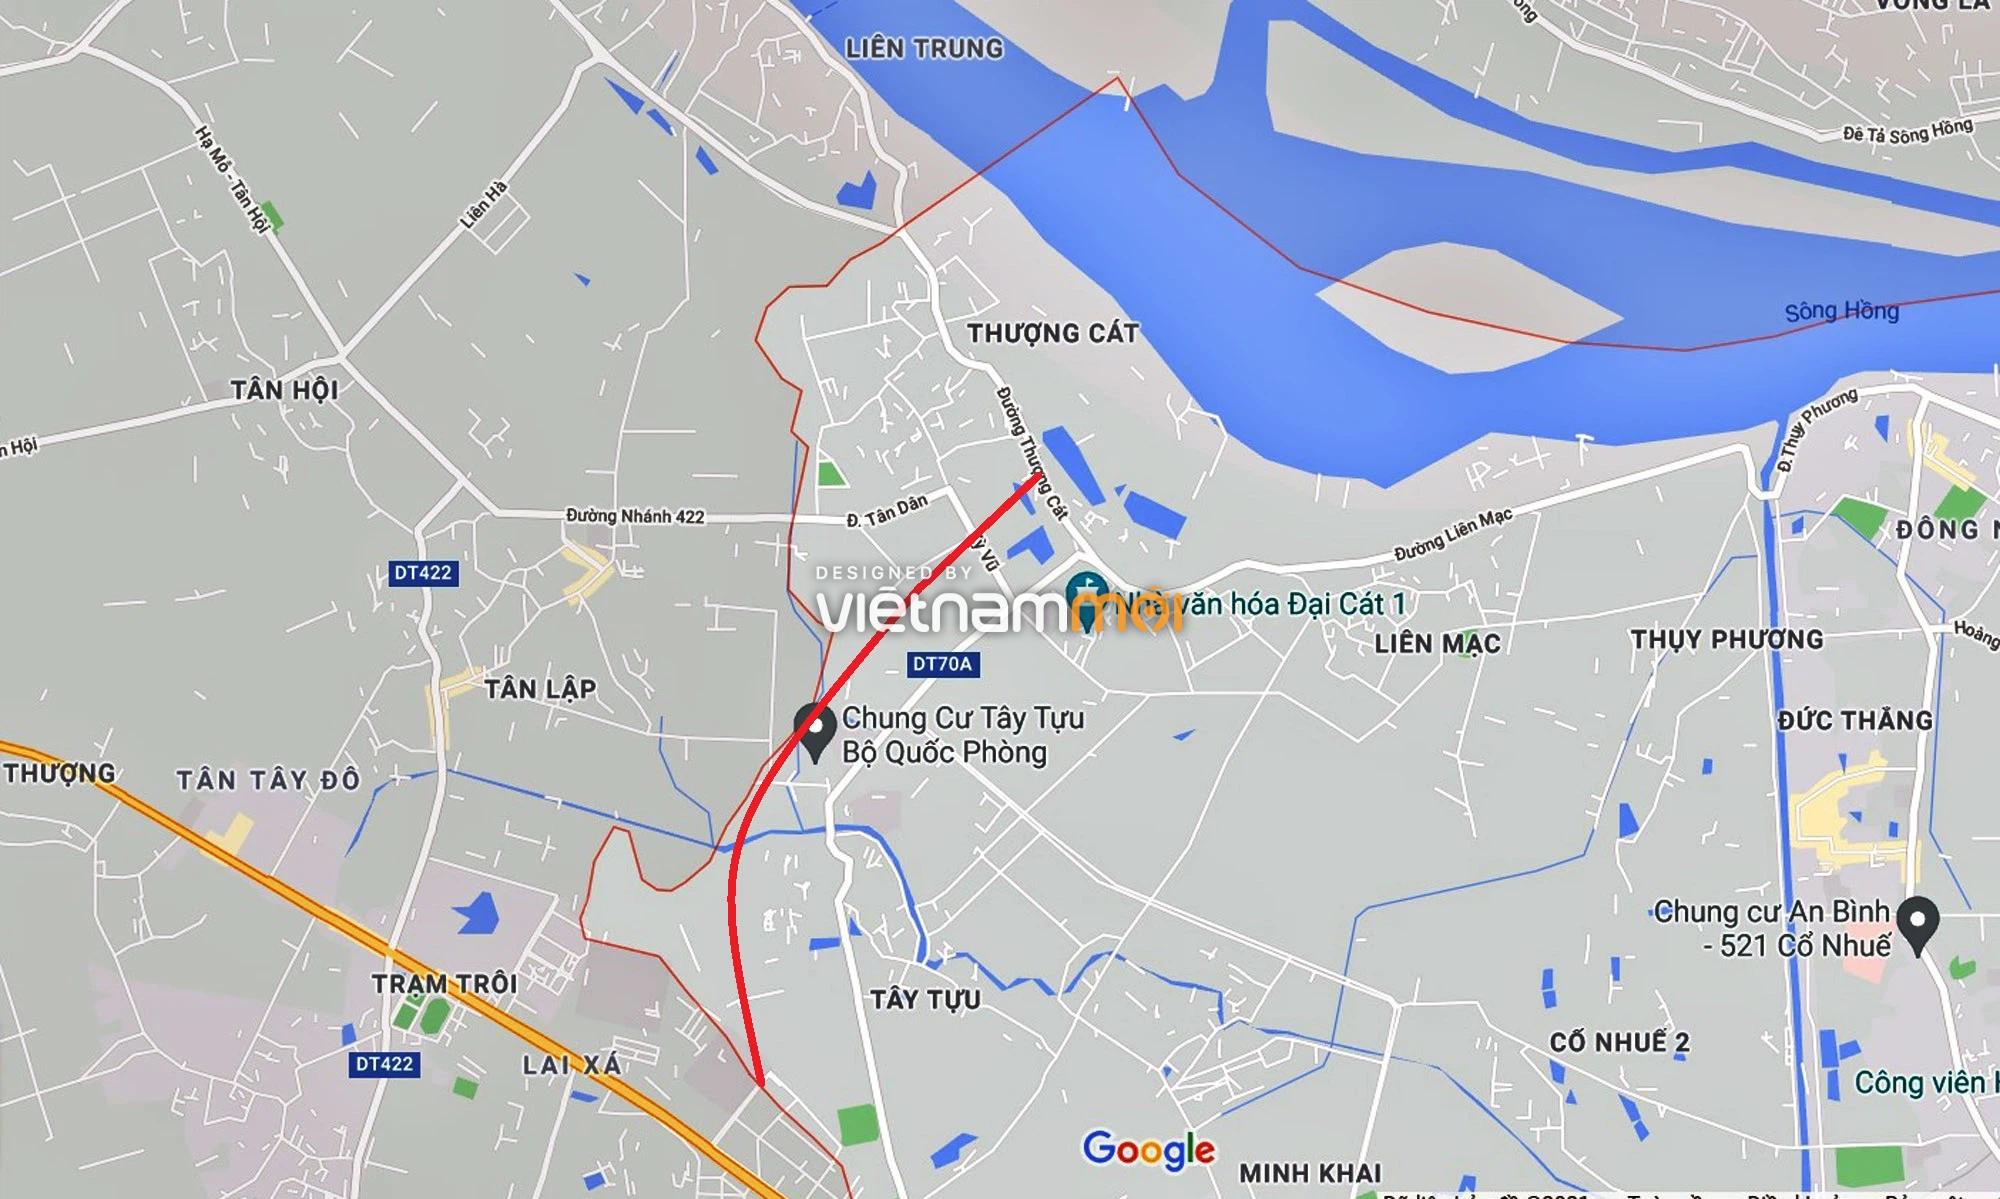 Đường Vành đai 3,5 sẽ mở theo quy hoạch qua quận Bắc Từ Liêm, Hà Nội - Ảnh 1.